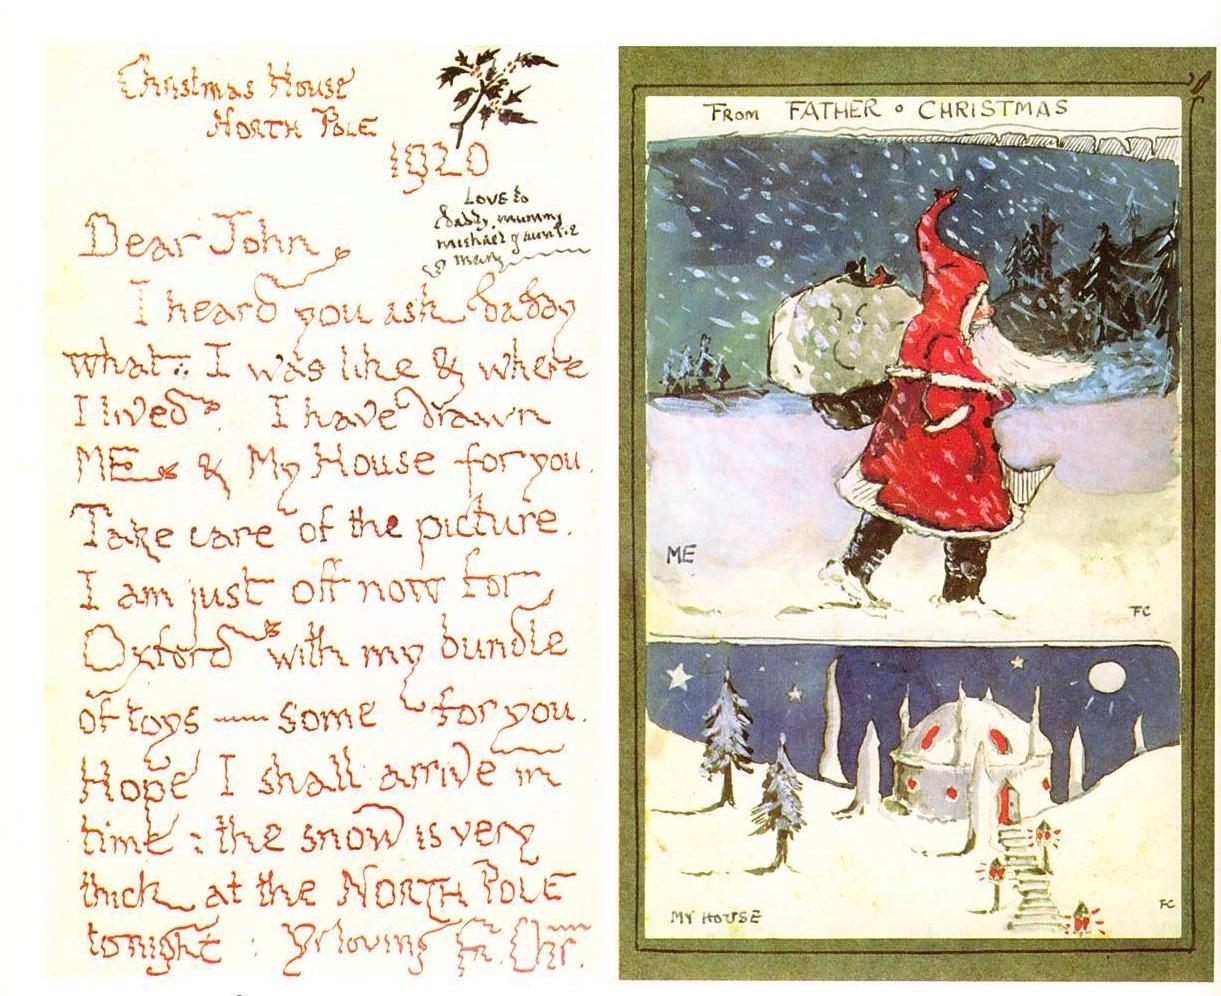 Le Lettere Di Babbo Natale.Lettere Di Babbo Natale Su Luce Che Filtra